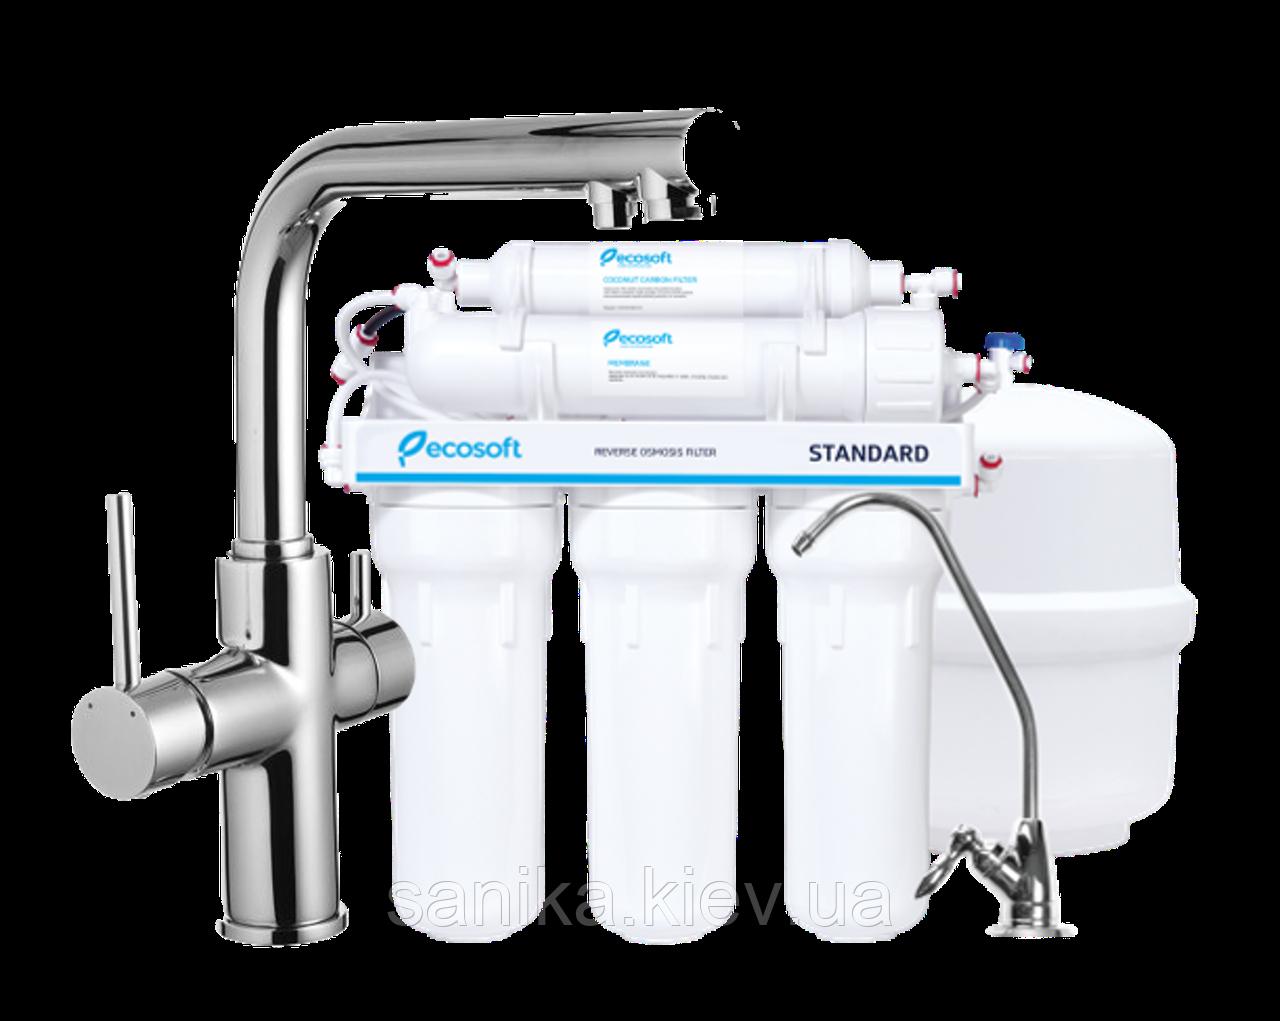 Комплект IMPRESE: DAICY смеситель для кухни, Ecosoft Standart система обратного осмоса  (5ти ступенчатая)